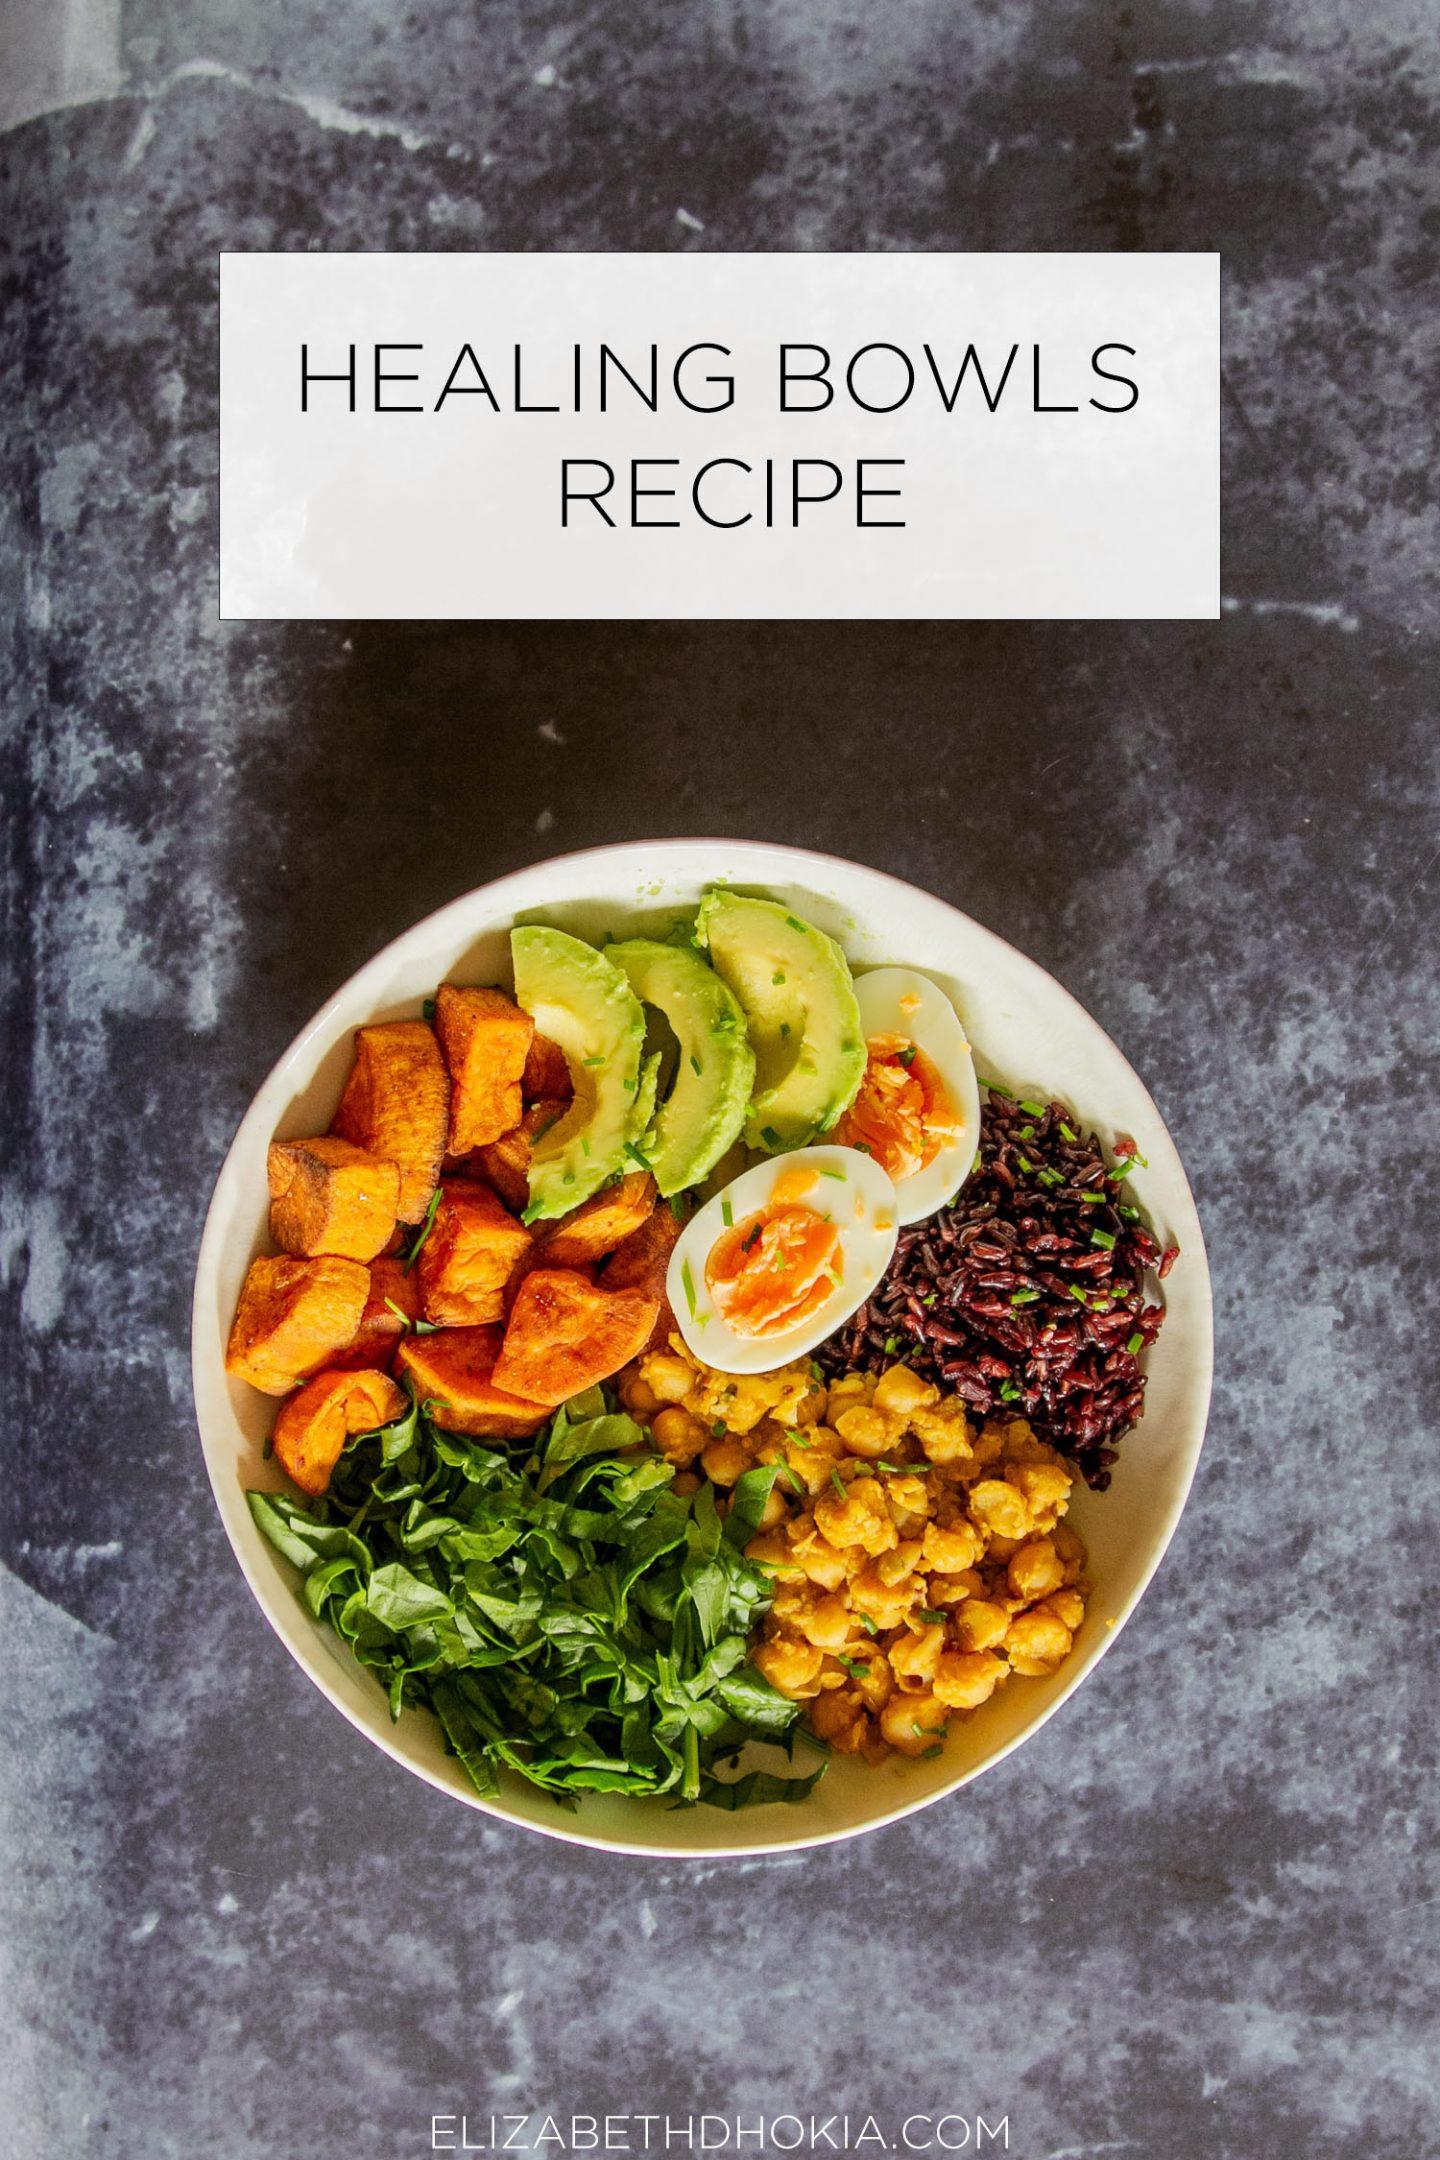 Healing Bowls Recipe